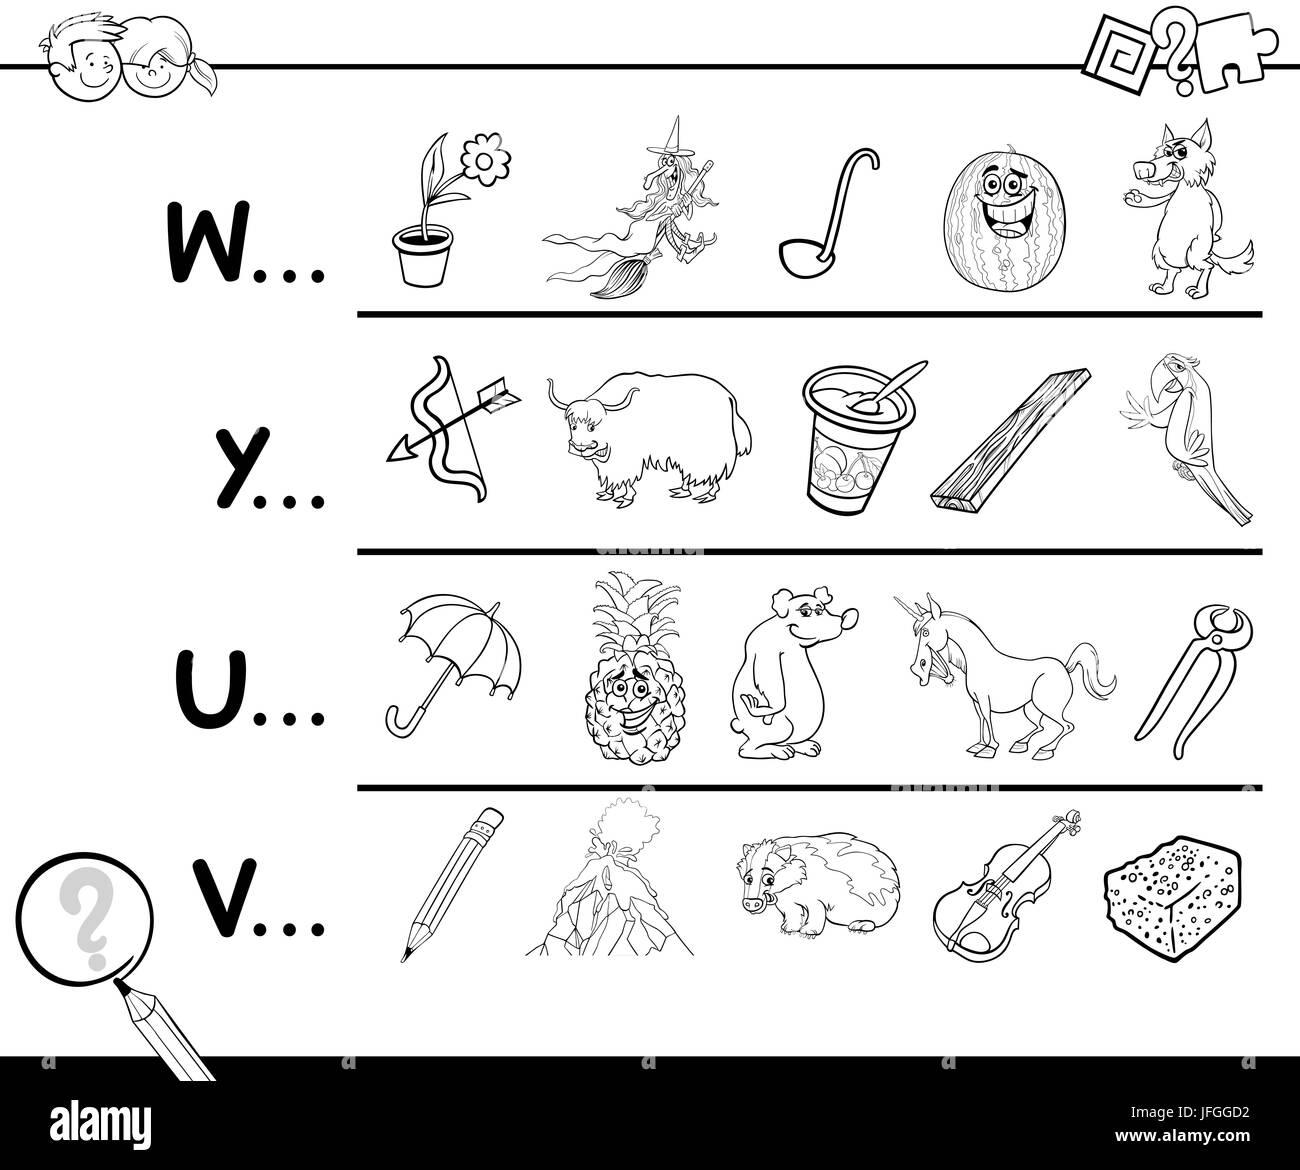 Cartoon Letter Y Imágenes De Stock & Cartoon Letter Y Fotos De Stock ...